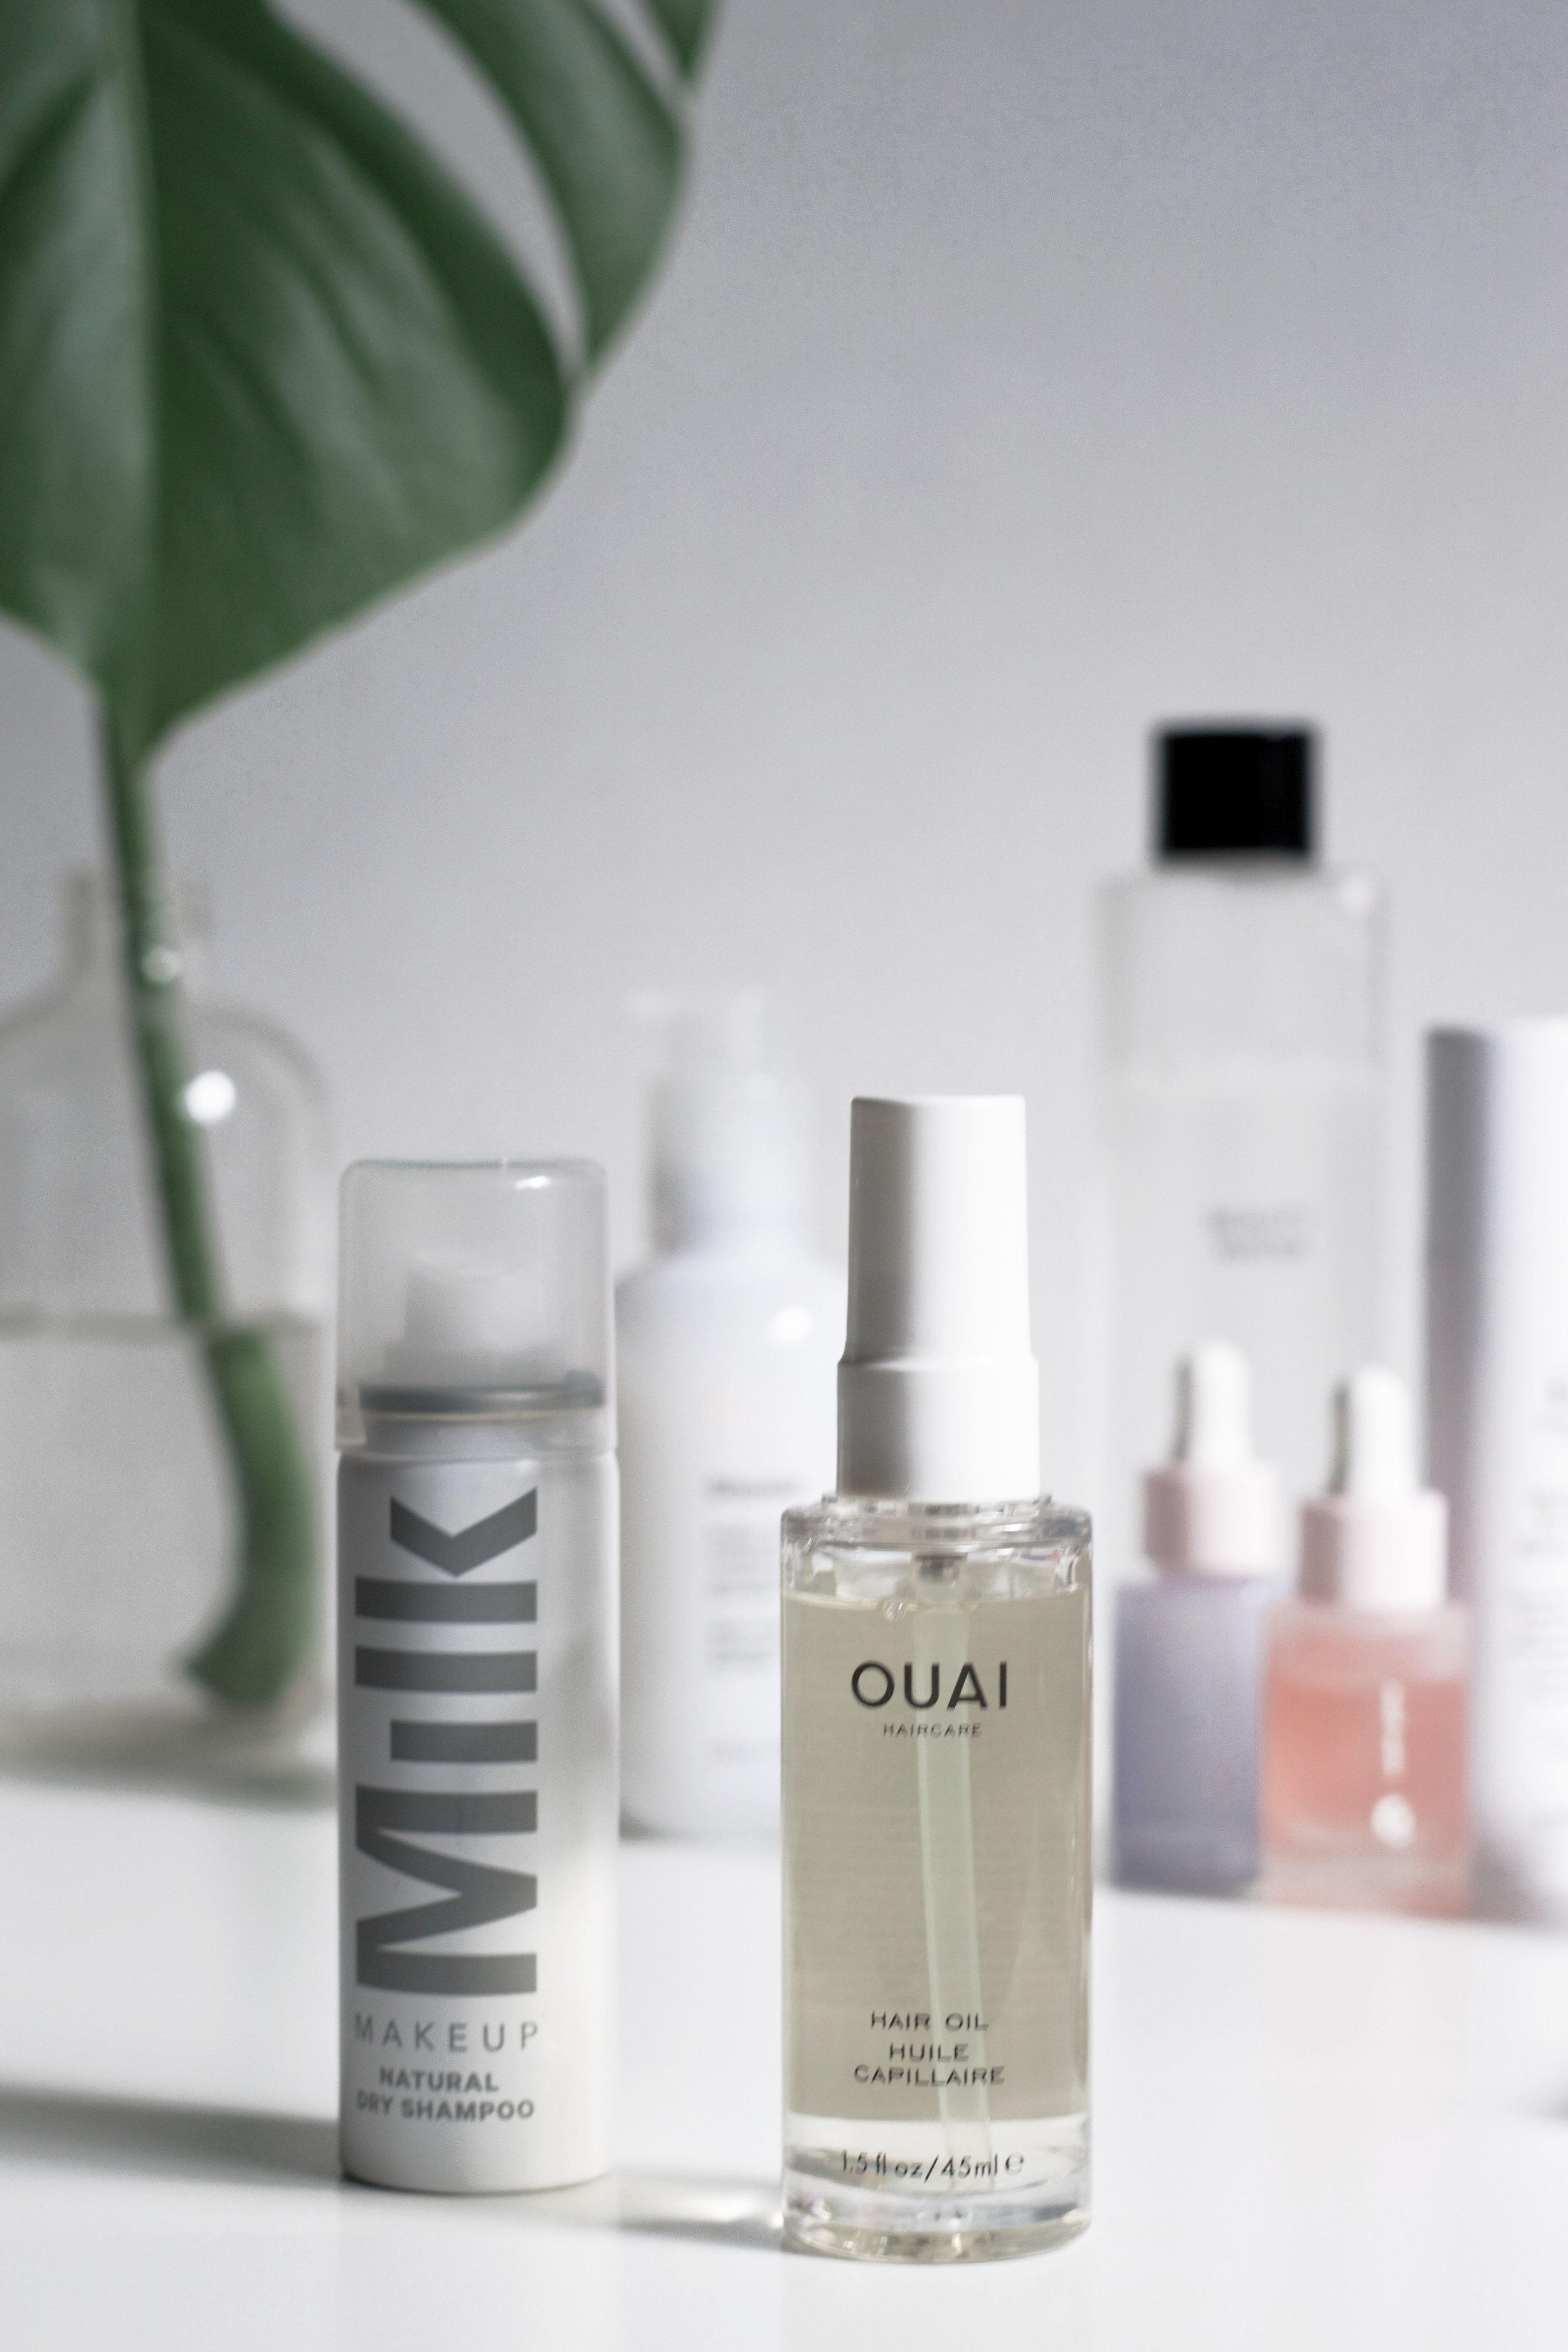 CHY-Beauty-Discoveries-Haircare-Milk-Makeup-Ouai-Hair-Oil